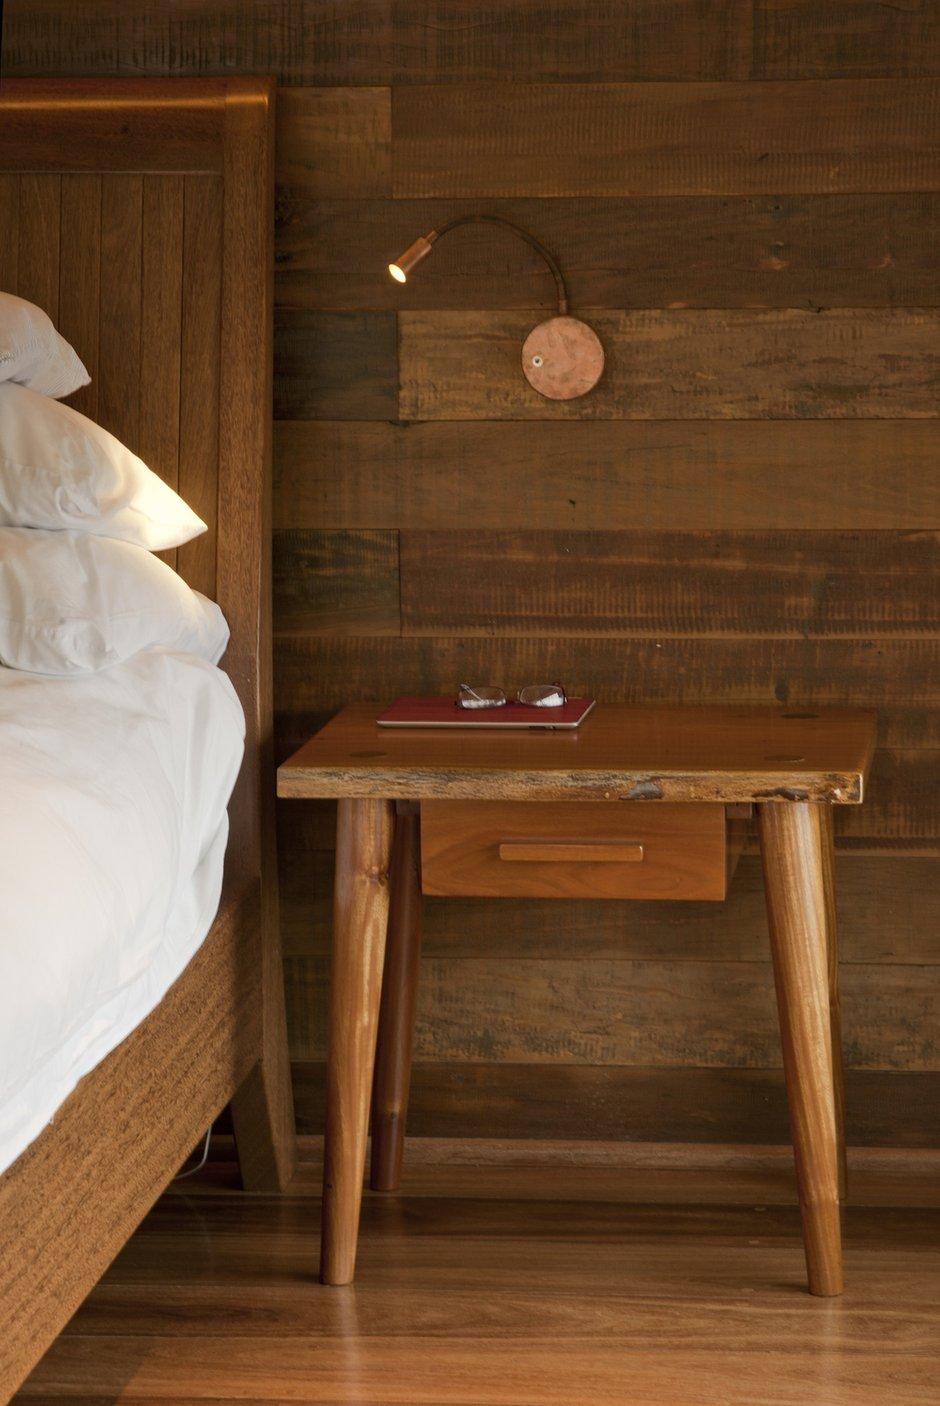 Фотография: Спальня в стиле Современный, Декор интерьера, Декор дома, Бразилия, Пол, Сан-Паулу, Потолок – фото на INMYROOM